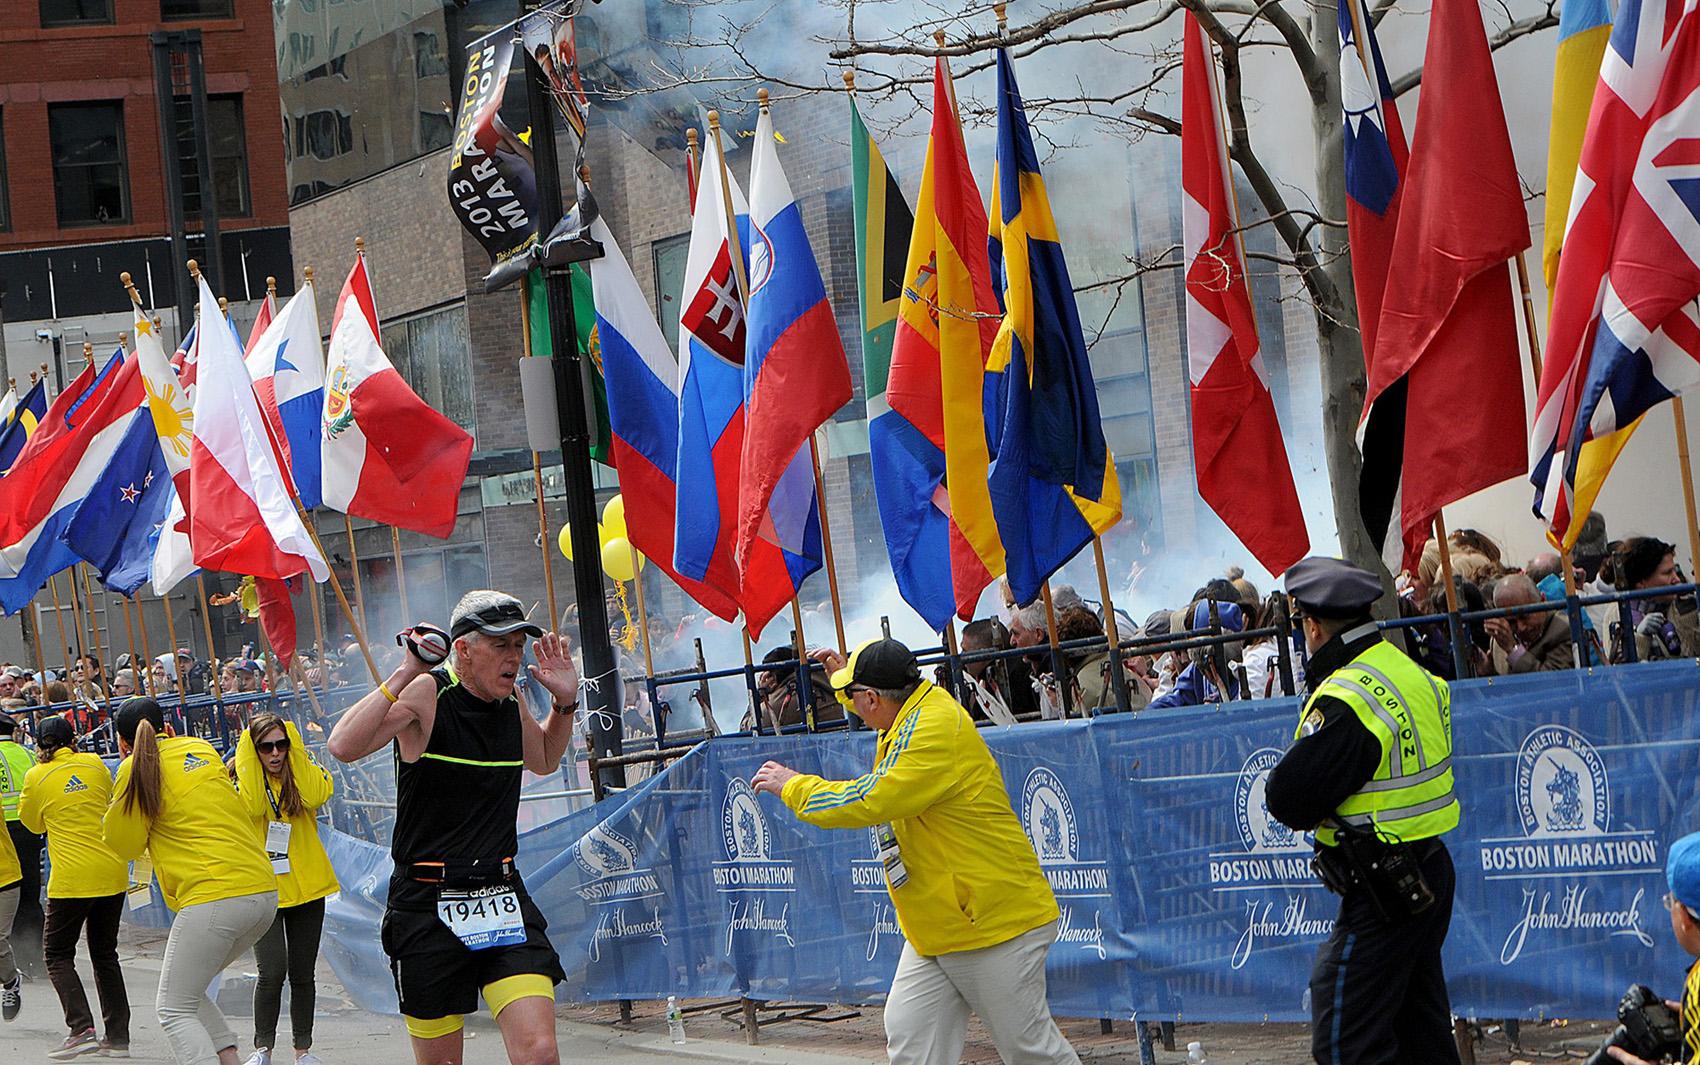 Foto feita no momento de uma das explosões durante a Maratona nos EUA.